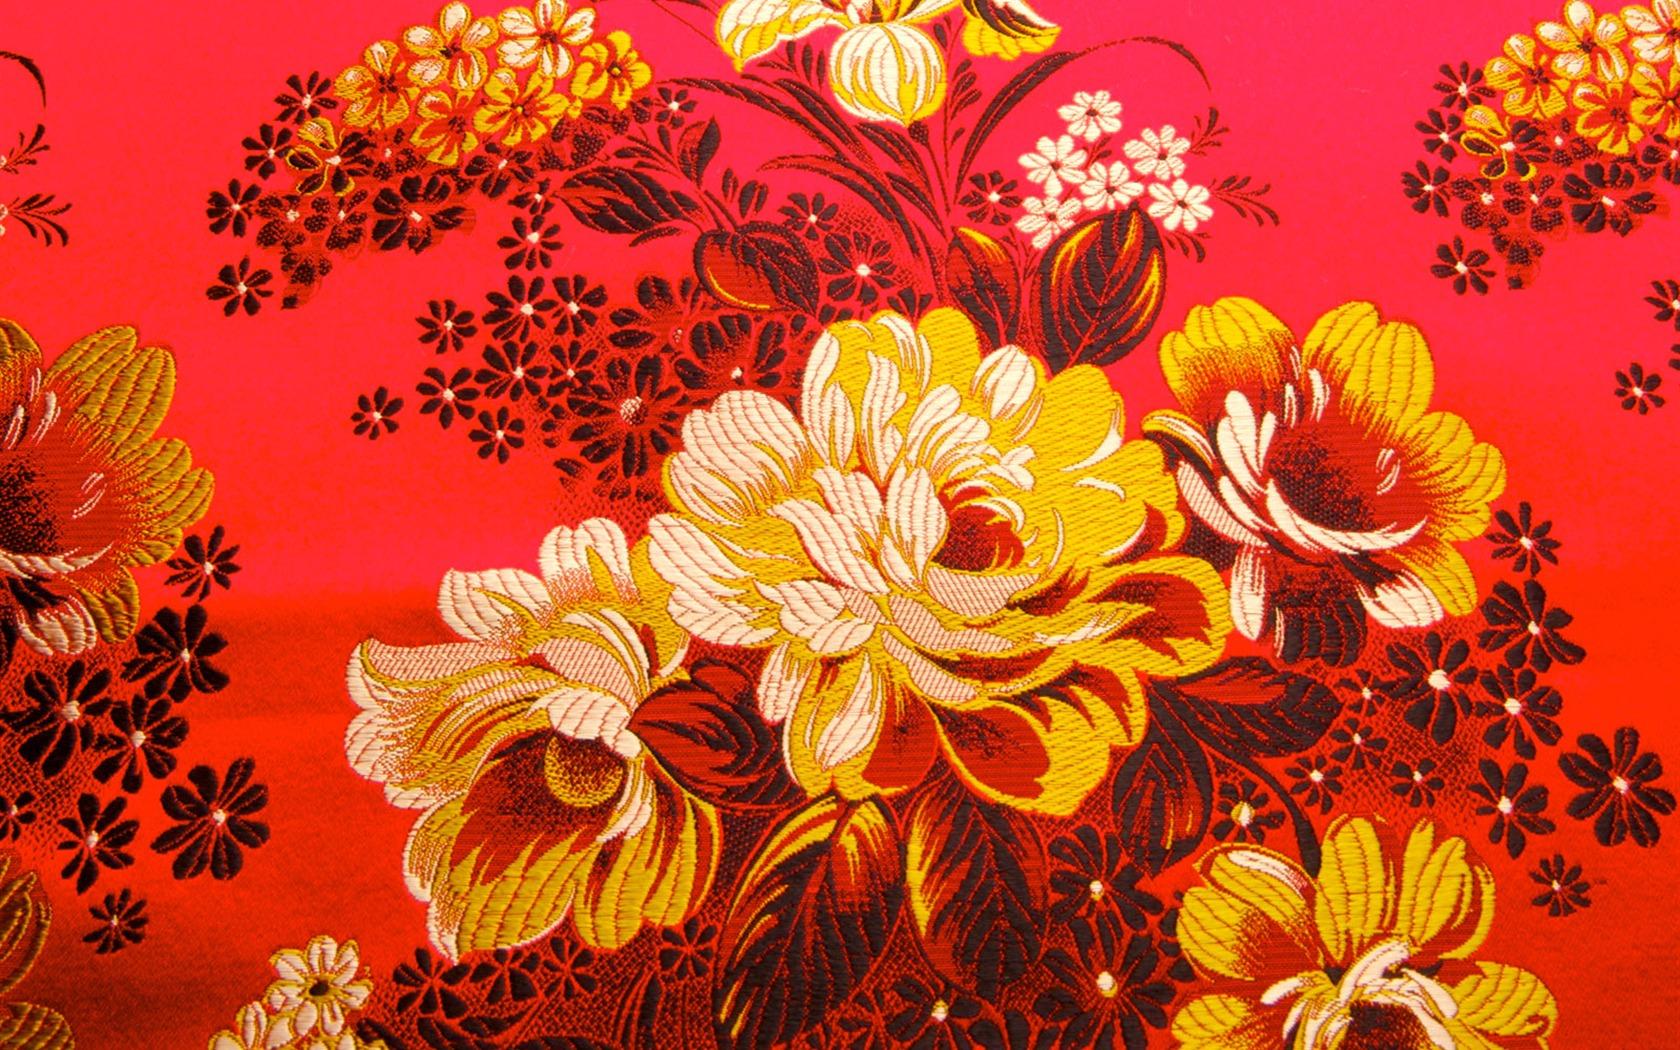 中国风 3 1680x1050 壁纸下载 中国风 其它